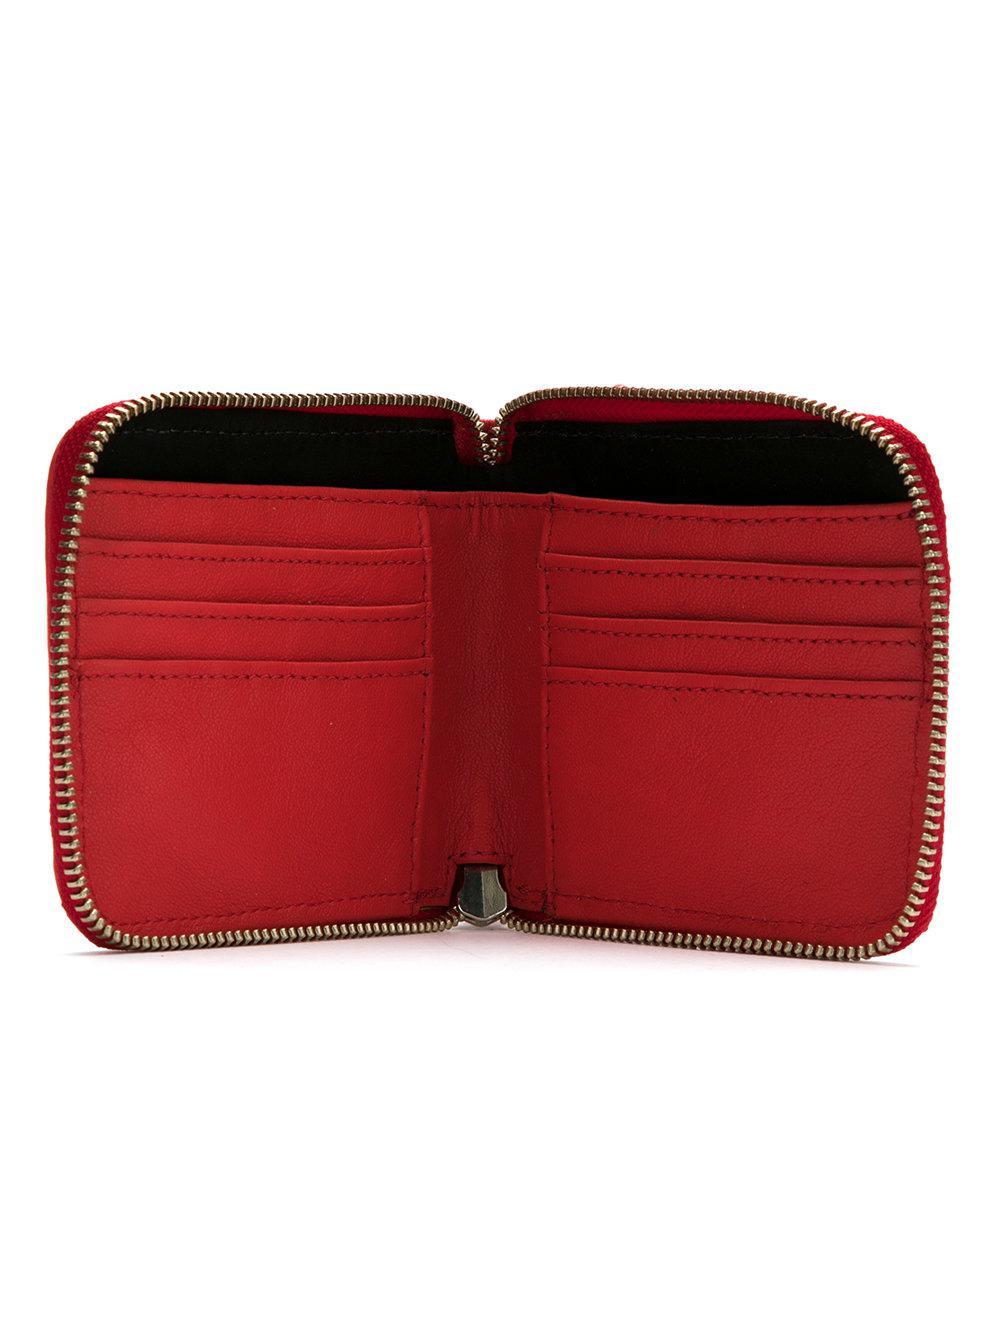 Mac cuero Red Portatarjetas Mara de gqPfwAx7